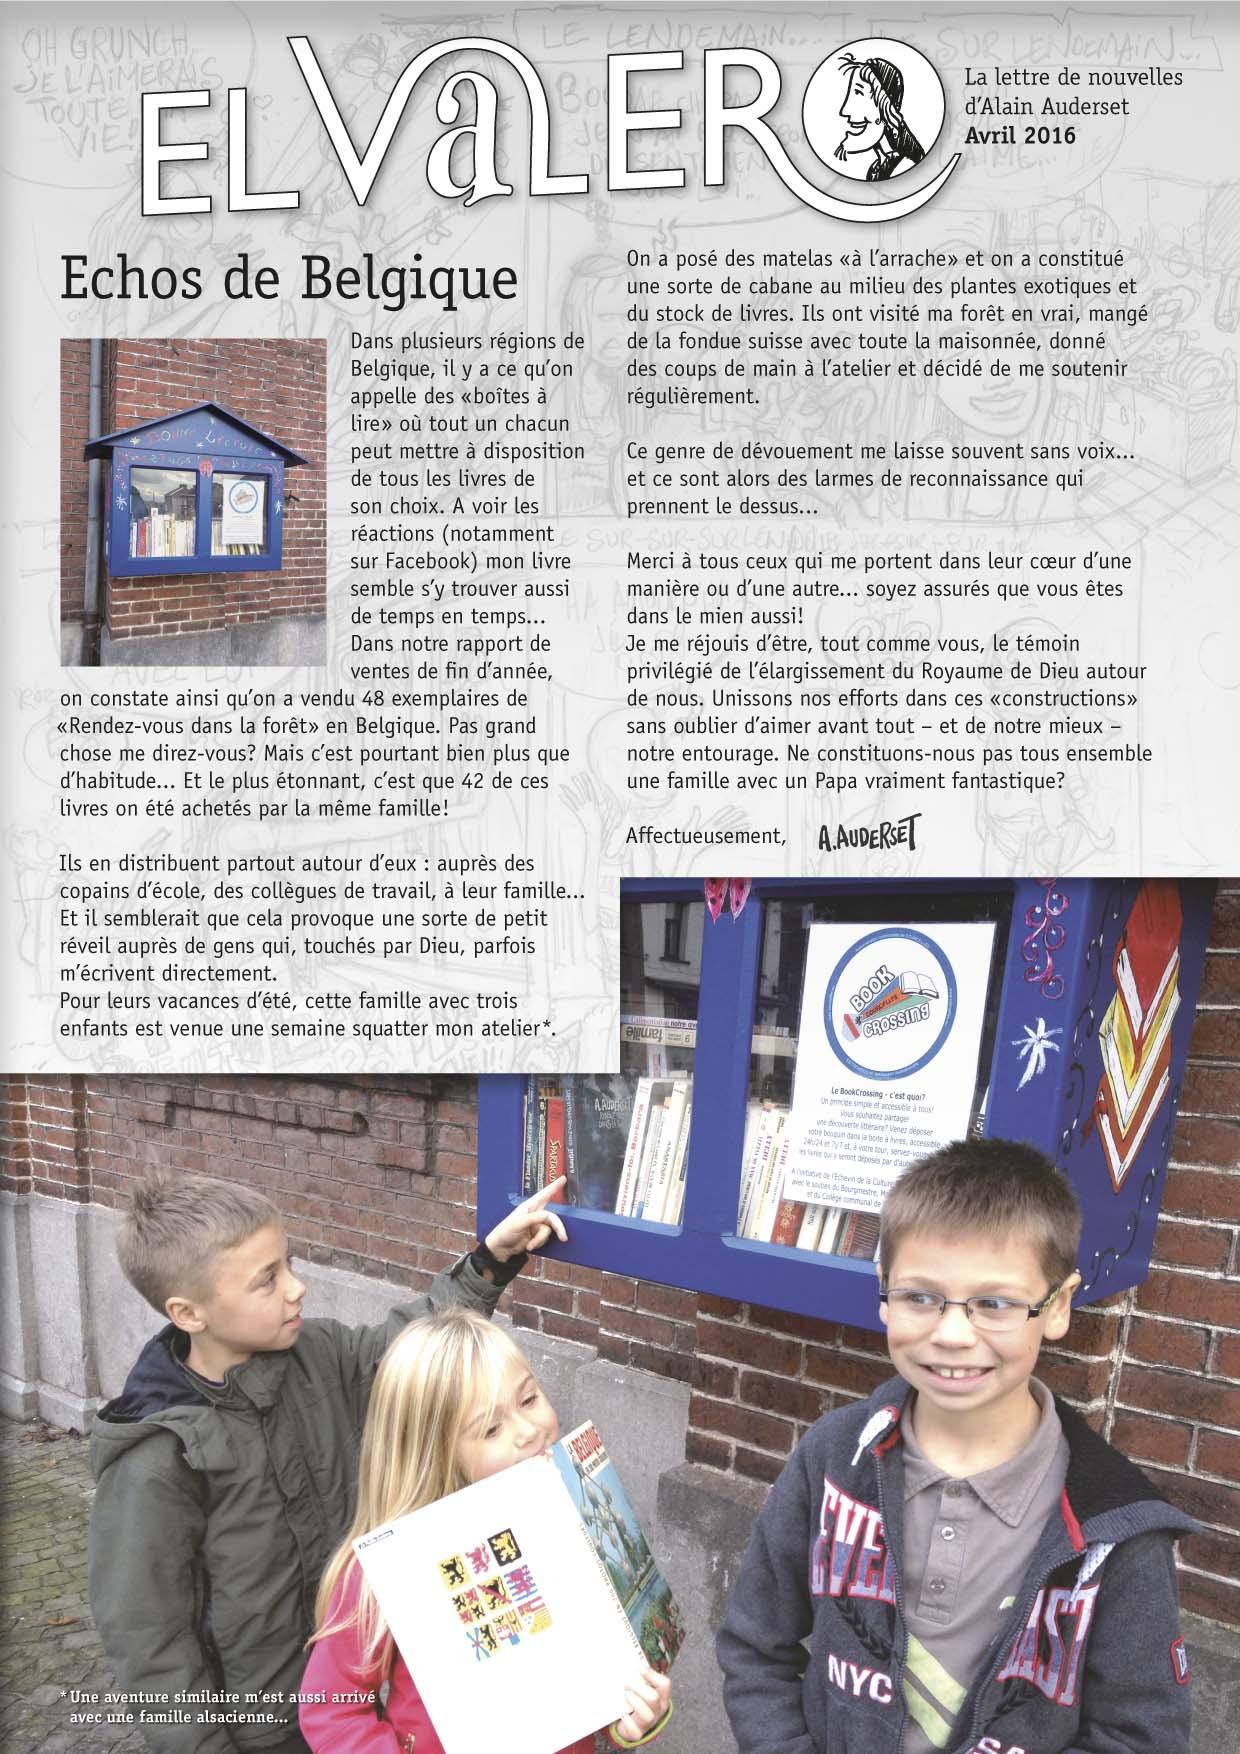 el-valero-20-page-1